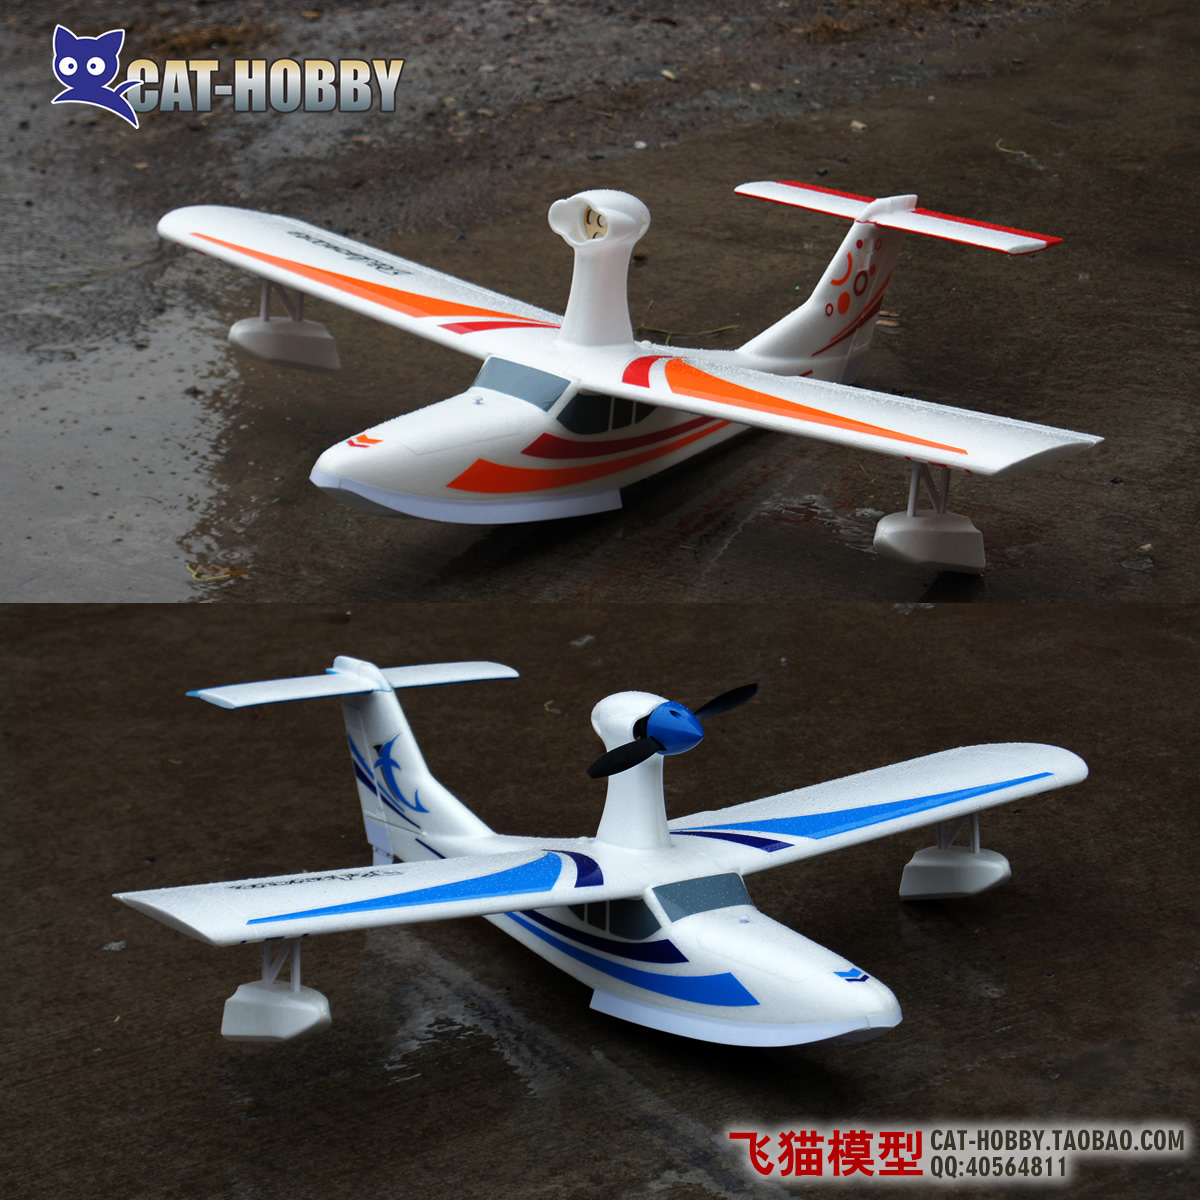 [飞猫模型固定翼]HOVER固定翼水上飞机亚博备用网址飞机海潮月销量2件仅售298元